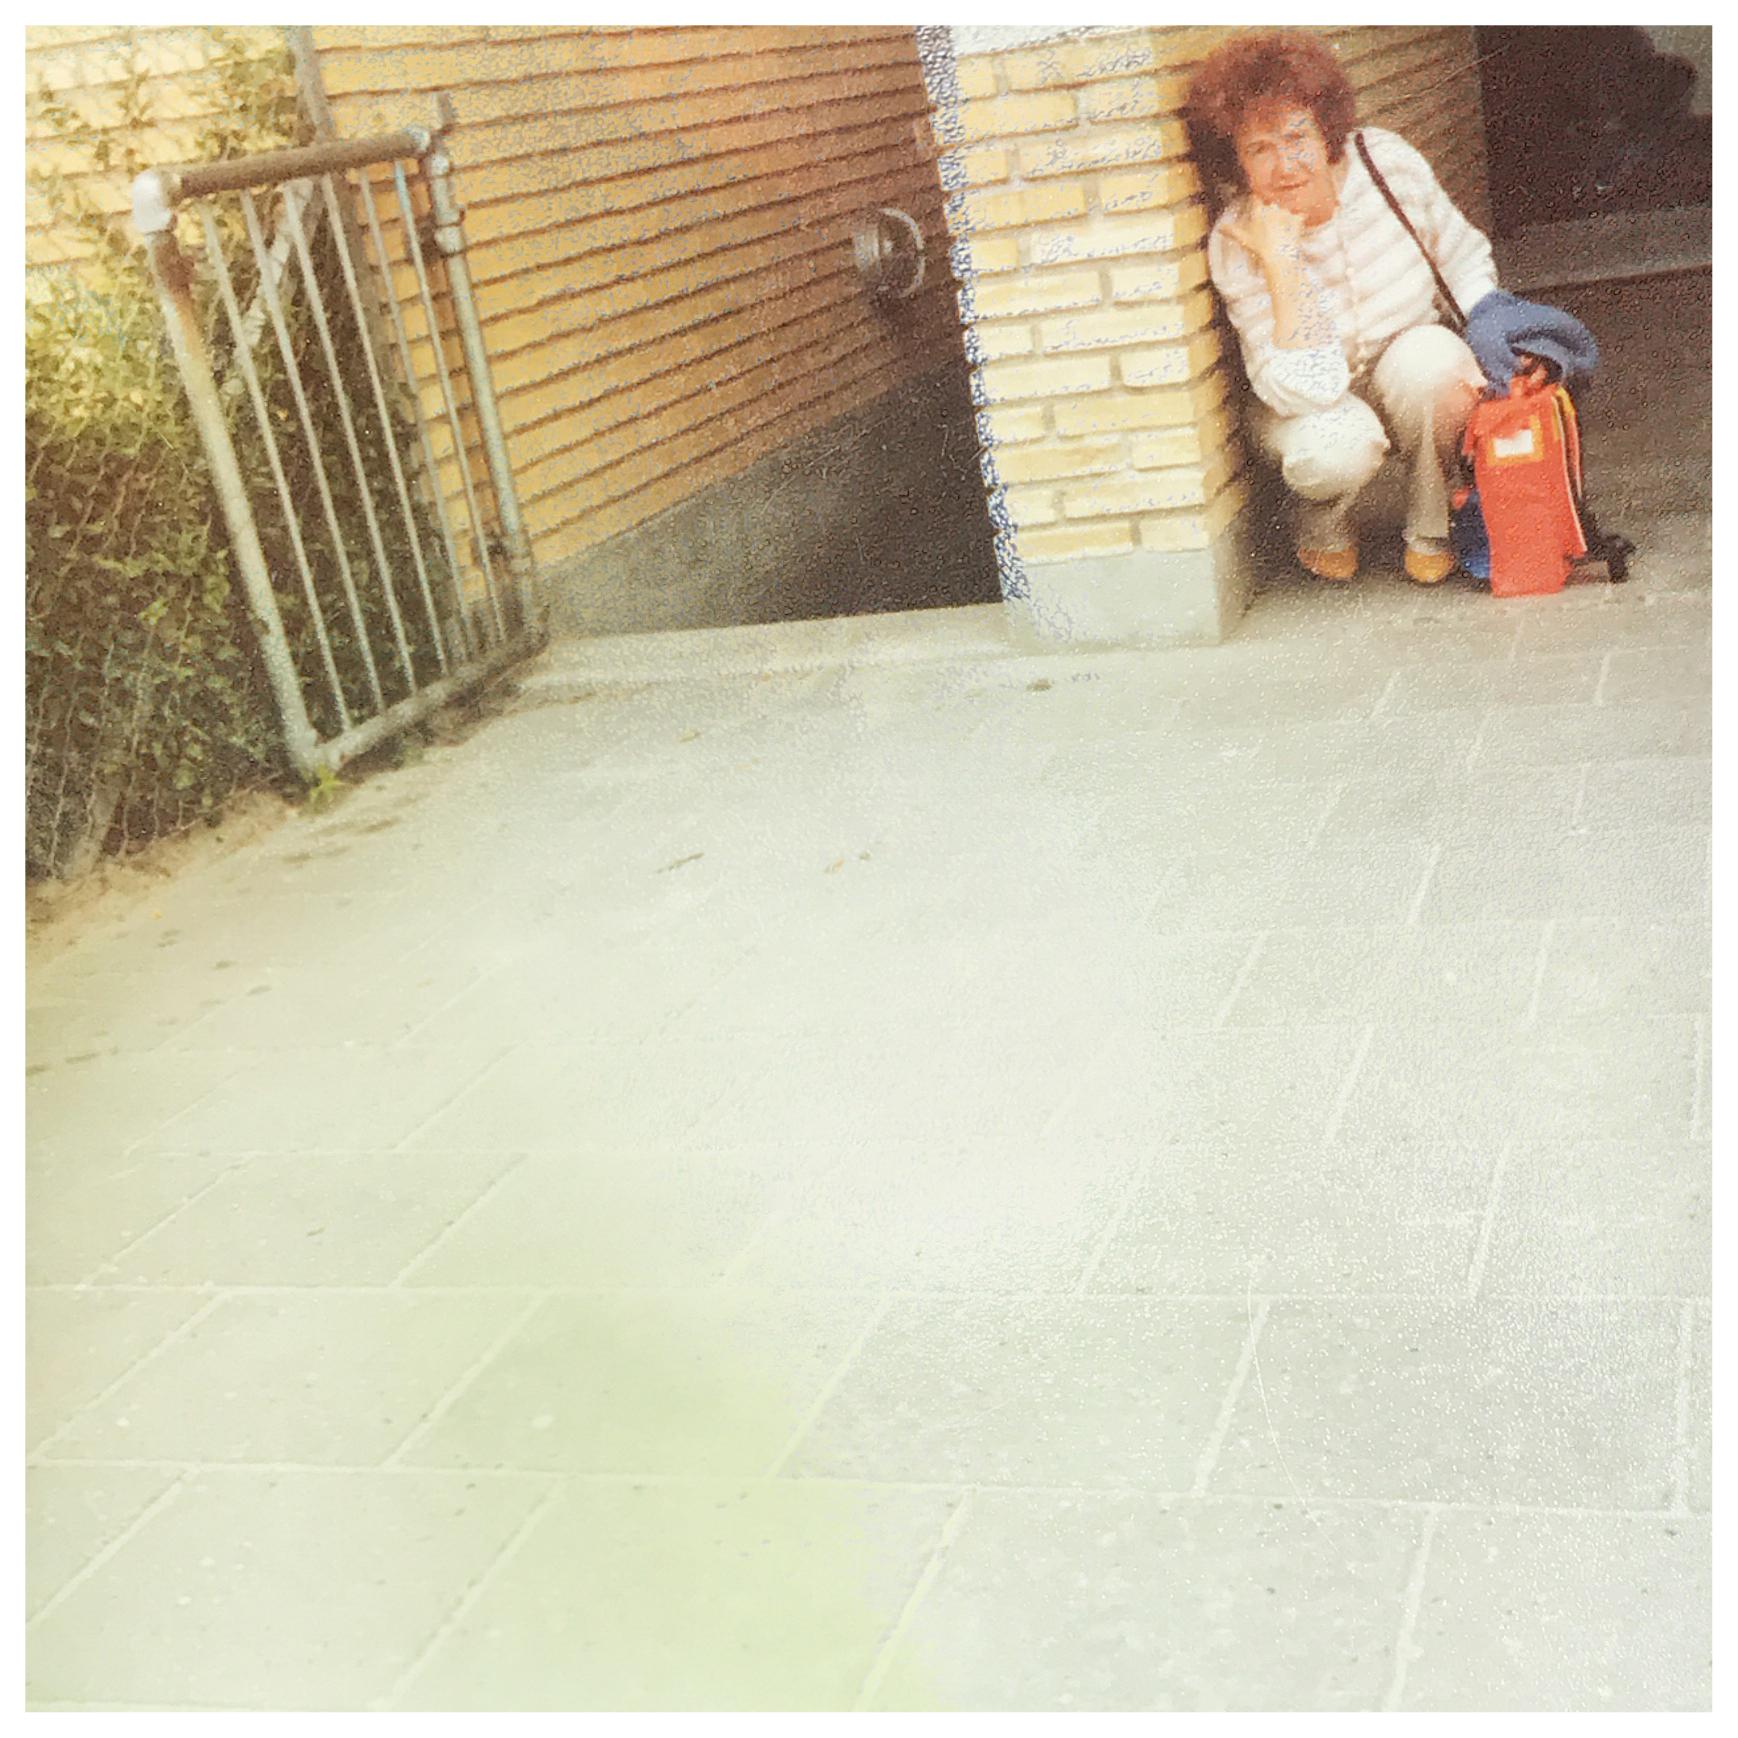 Gamle-billeder-3.png